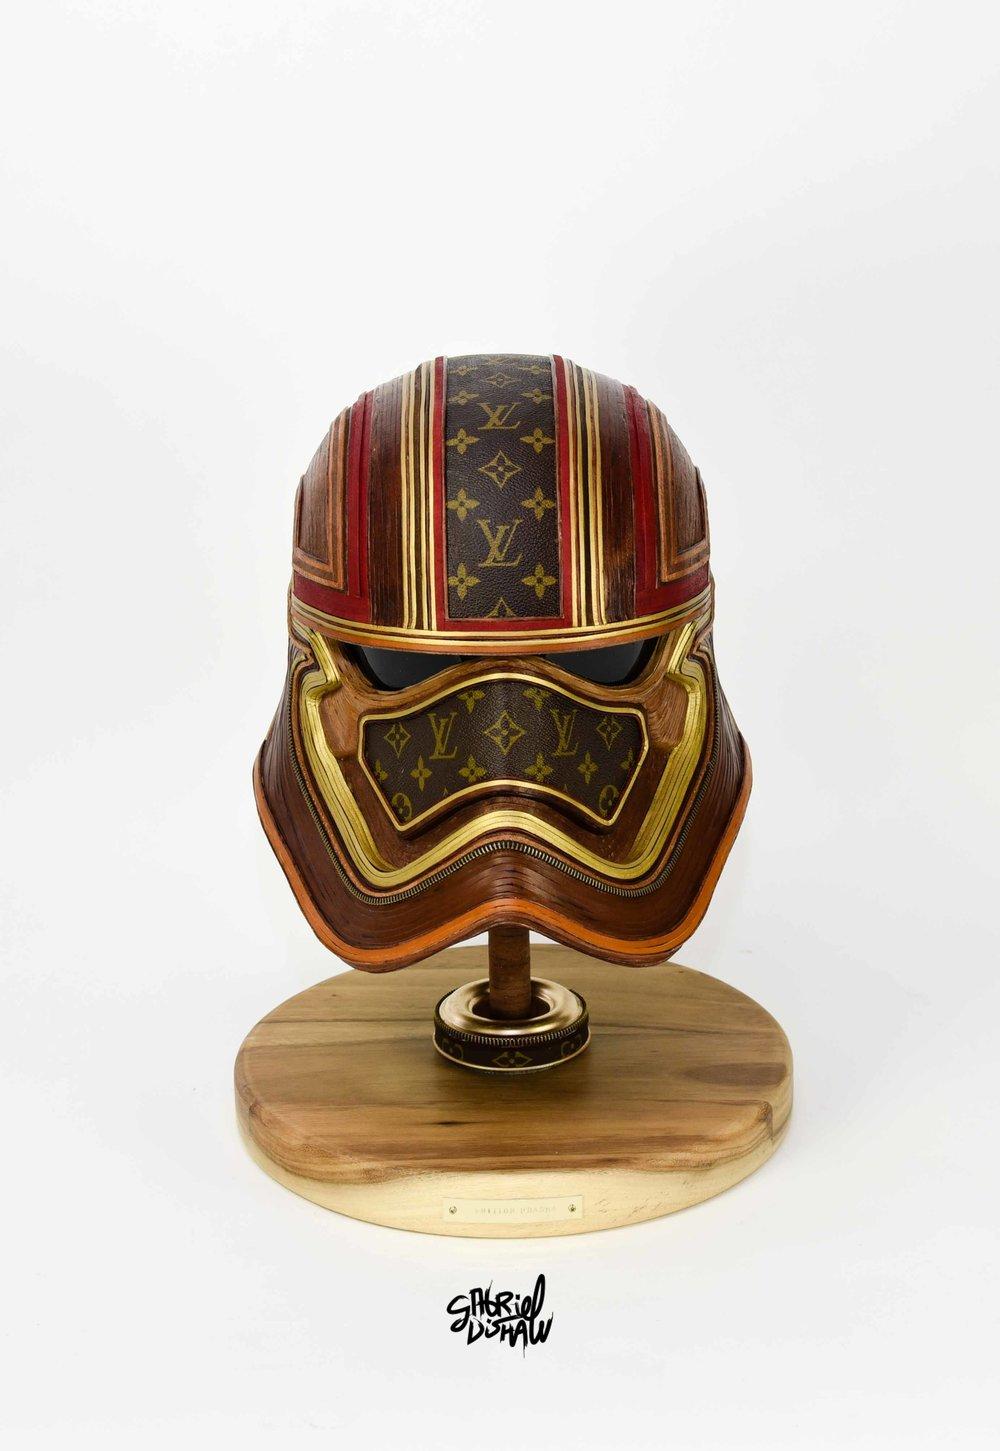 Gabriel Dishaw Vuitton Phasma-5436.jpg